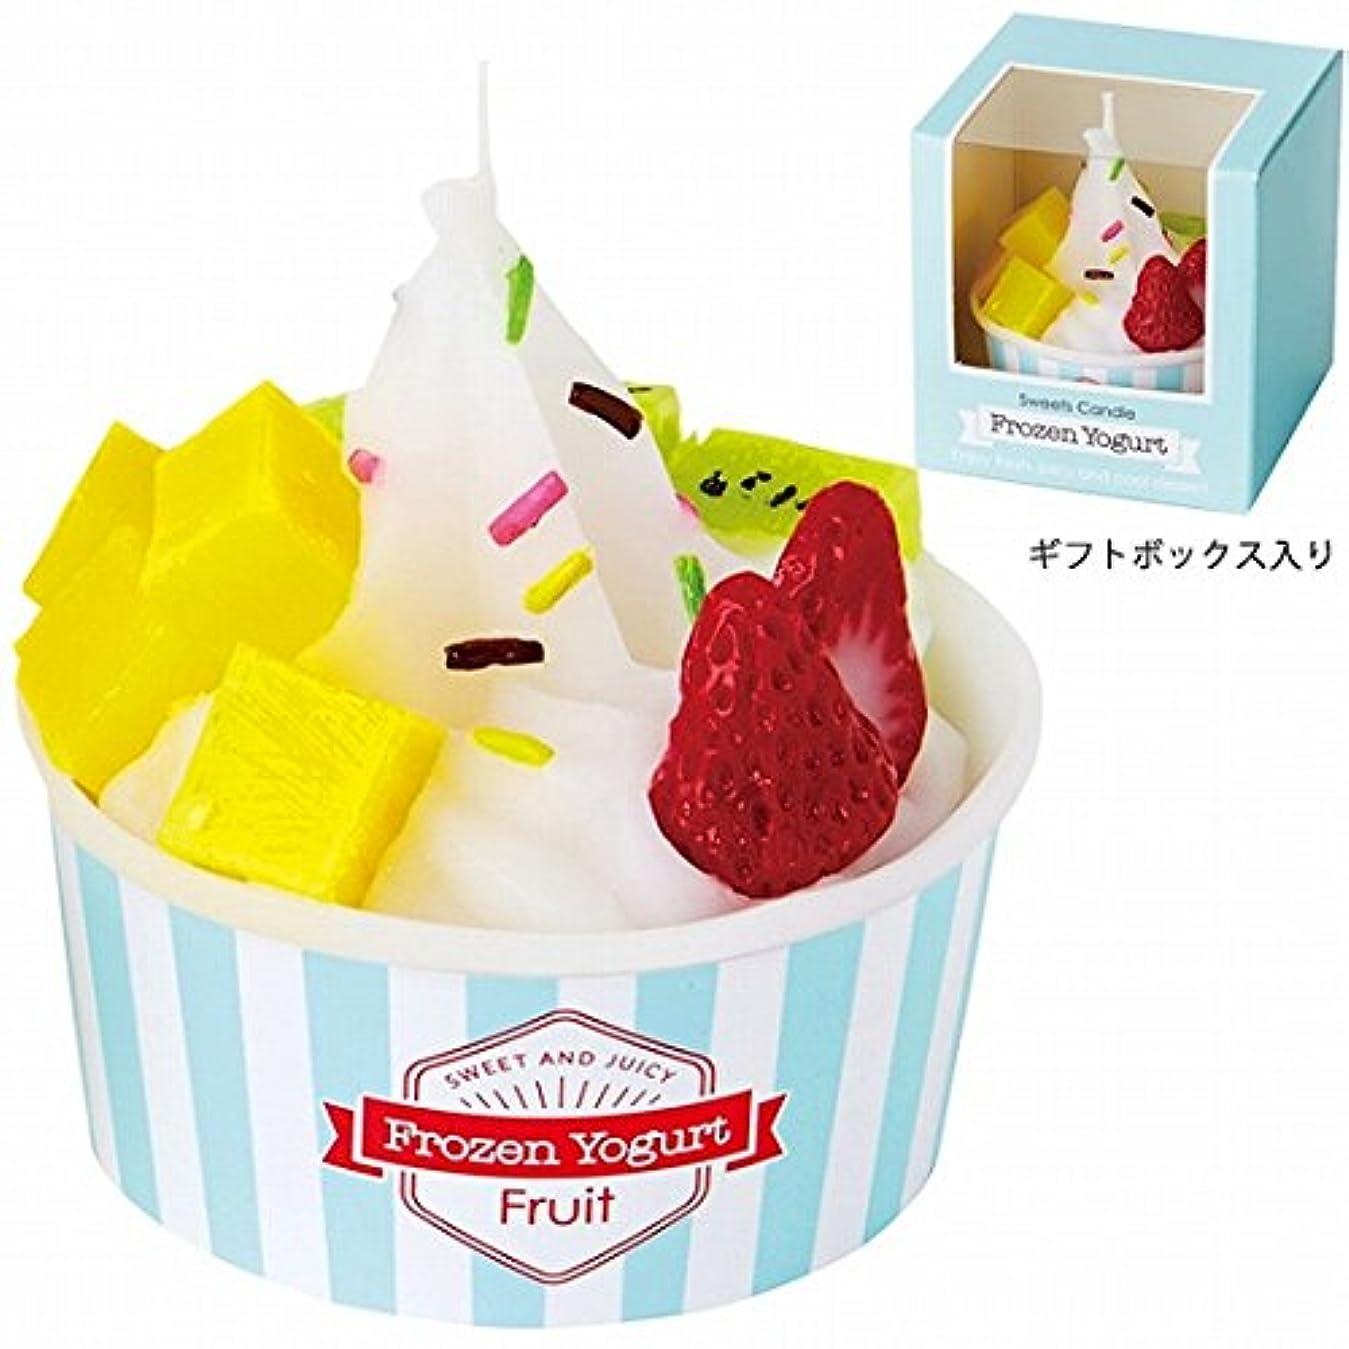 世界略語金銭的カメヤマキャンドル(kameyama candle) フローズンヨーグルトキャンドル 「フルーツ」 4個セット